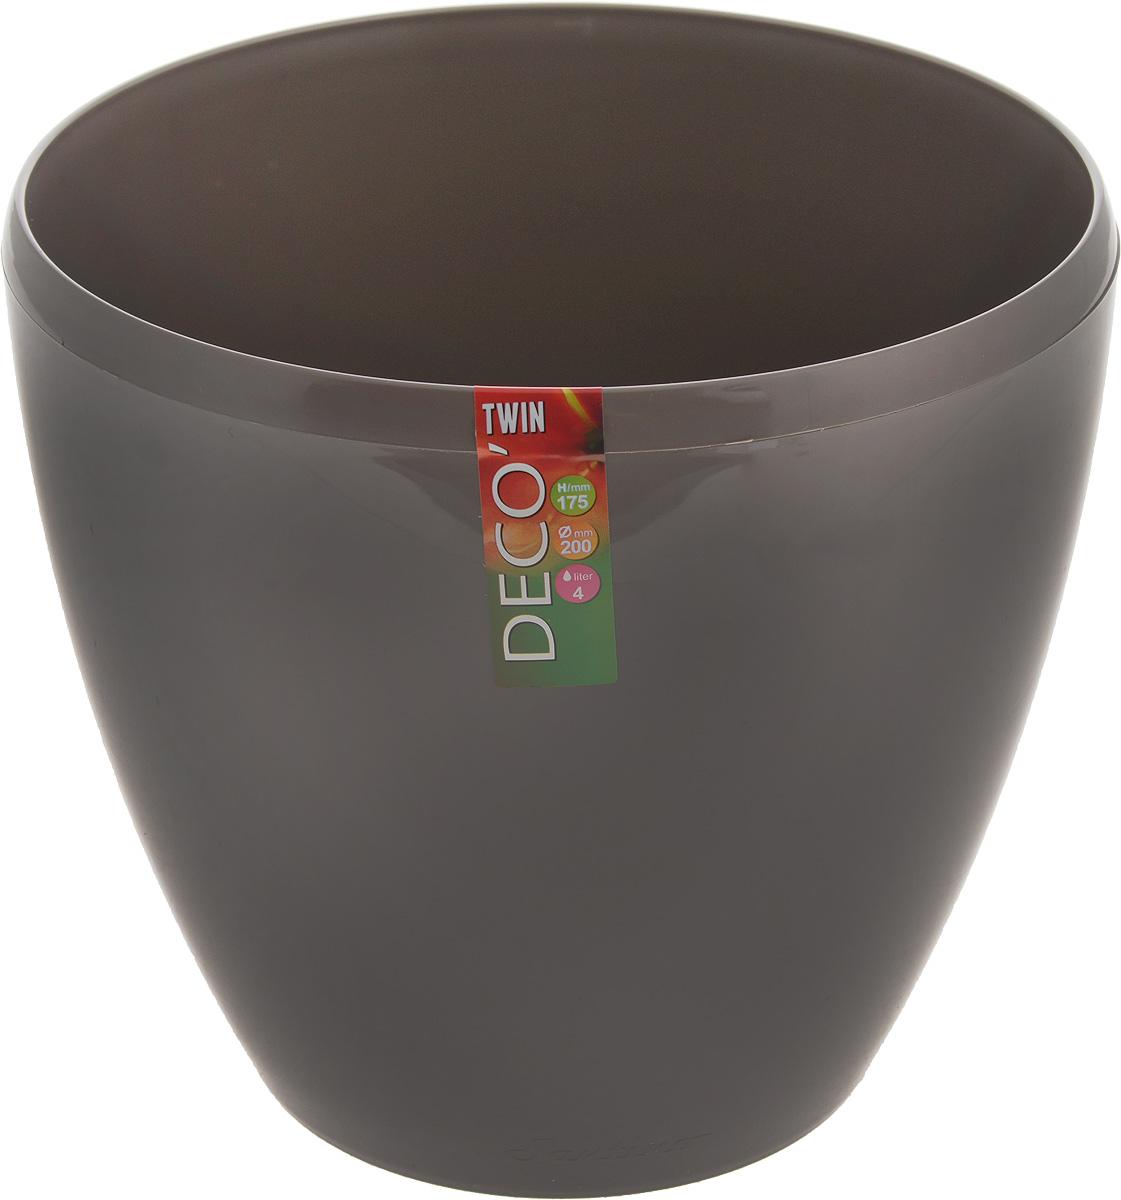 Горшок цветочный Santino Deco Twin, двойной, с системой автополива, цвет: шаде, 4 лАРТ 5 Б-ЧГоршок цветочный Santino Deco Twin снабжен дренажной системой и состоит из кашпо и вазона-вкладыша. Изготовлен из пластика. Особенность: тарелочка или блюдце не нужны. Горшок предназначен для любых растений или цветов. Цветочный дренаж – это система, которая позволяет выводить лишнюю влагу через корневую систему цветка и слой почвы. Растение – это живой организм, следовательно, ему необходимо дышать. В доступе к кислороду нуждаются все части растения: -листья; -корневая система. Если цветовод по какой-либо причине зальет цветок водой, то она буквально вытеснит из почвенного слоя все пузырьки кислорода. Анаэробная среда способствует развитию различного рода бактерий. Безвоздушная среда приводит к загниванию корневой системы, цветок в результате увядает. Суть работы дренажной системы заключается в том, чтобы осуществлять отвод лишней влаги от растения и давать возможность корневой системе дышать без проблем. Следовательно, каждому цветку необходимо: -иметь в основании цветочного горшочка хотя бы одно небольшое дренажное отверстие. Оно необходимо для того, чтобы через него выходила лишняя вода, плюс ко всему это отверстие дает возможность циркулировать воздух. -на самом дне горшка необходимо выложить слоем в 2-5 см (зависит от вида растения) дренаж.УВАЖАЕМЫЕ КЛИЕНТЫ!Обращаем ваше внимание на тот факт, что фото изделия служит для визуального восприятия товара. Литраж и размеры, представленные на этикетке товара, могут по факту отличаться от реальных. Корректные данные в поле Размеры.